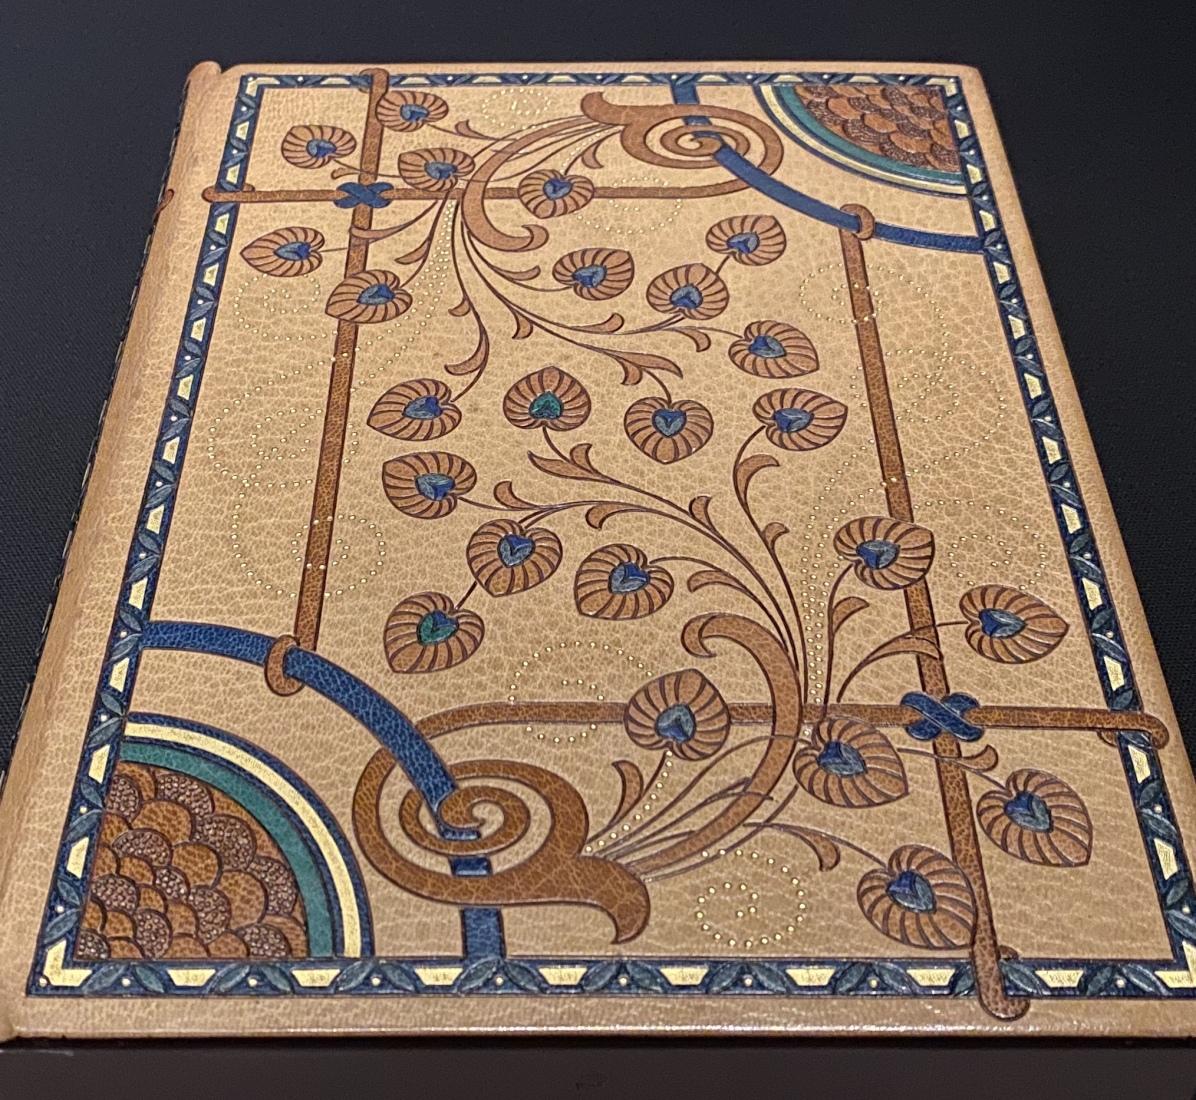 Books of the Art Nouveau